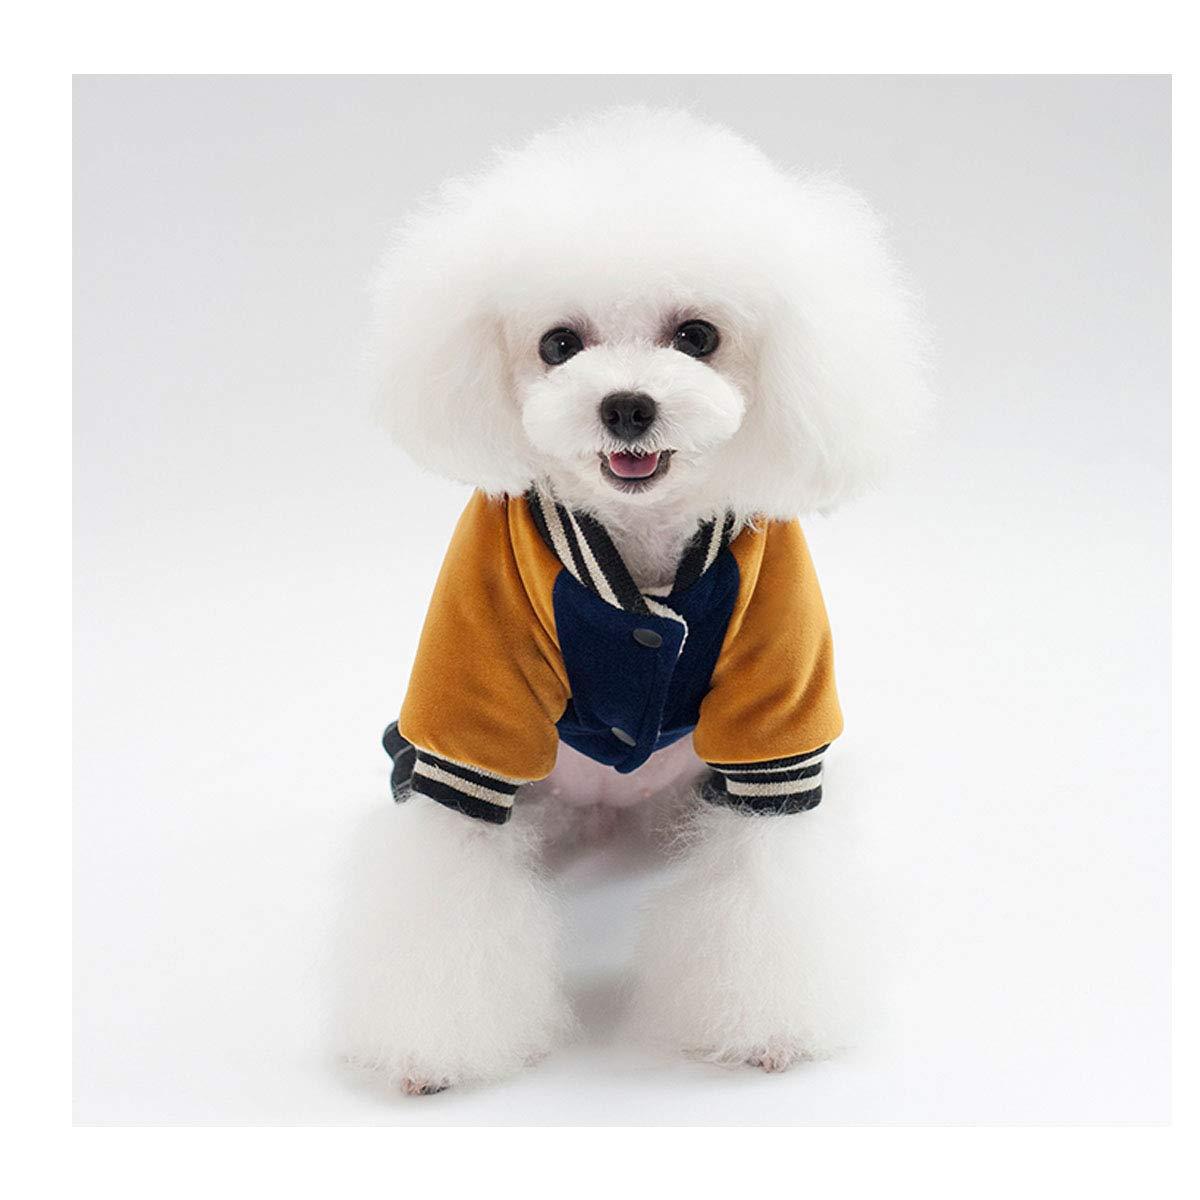 Kuqiqi Vestiti per Cani, Vestiti Autunnali e Invernali, Vestiti a Quattro Zampe addomesticati più di Cotone Teddy Legge combattimenti Piccoli e Medi Cuccioli di Animali Domestici Caldi